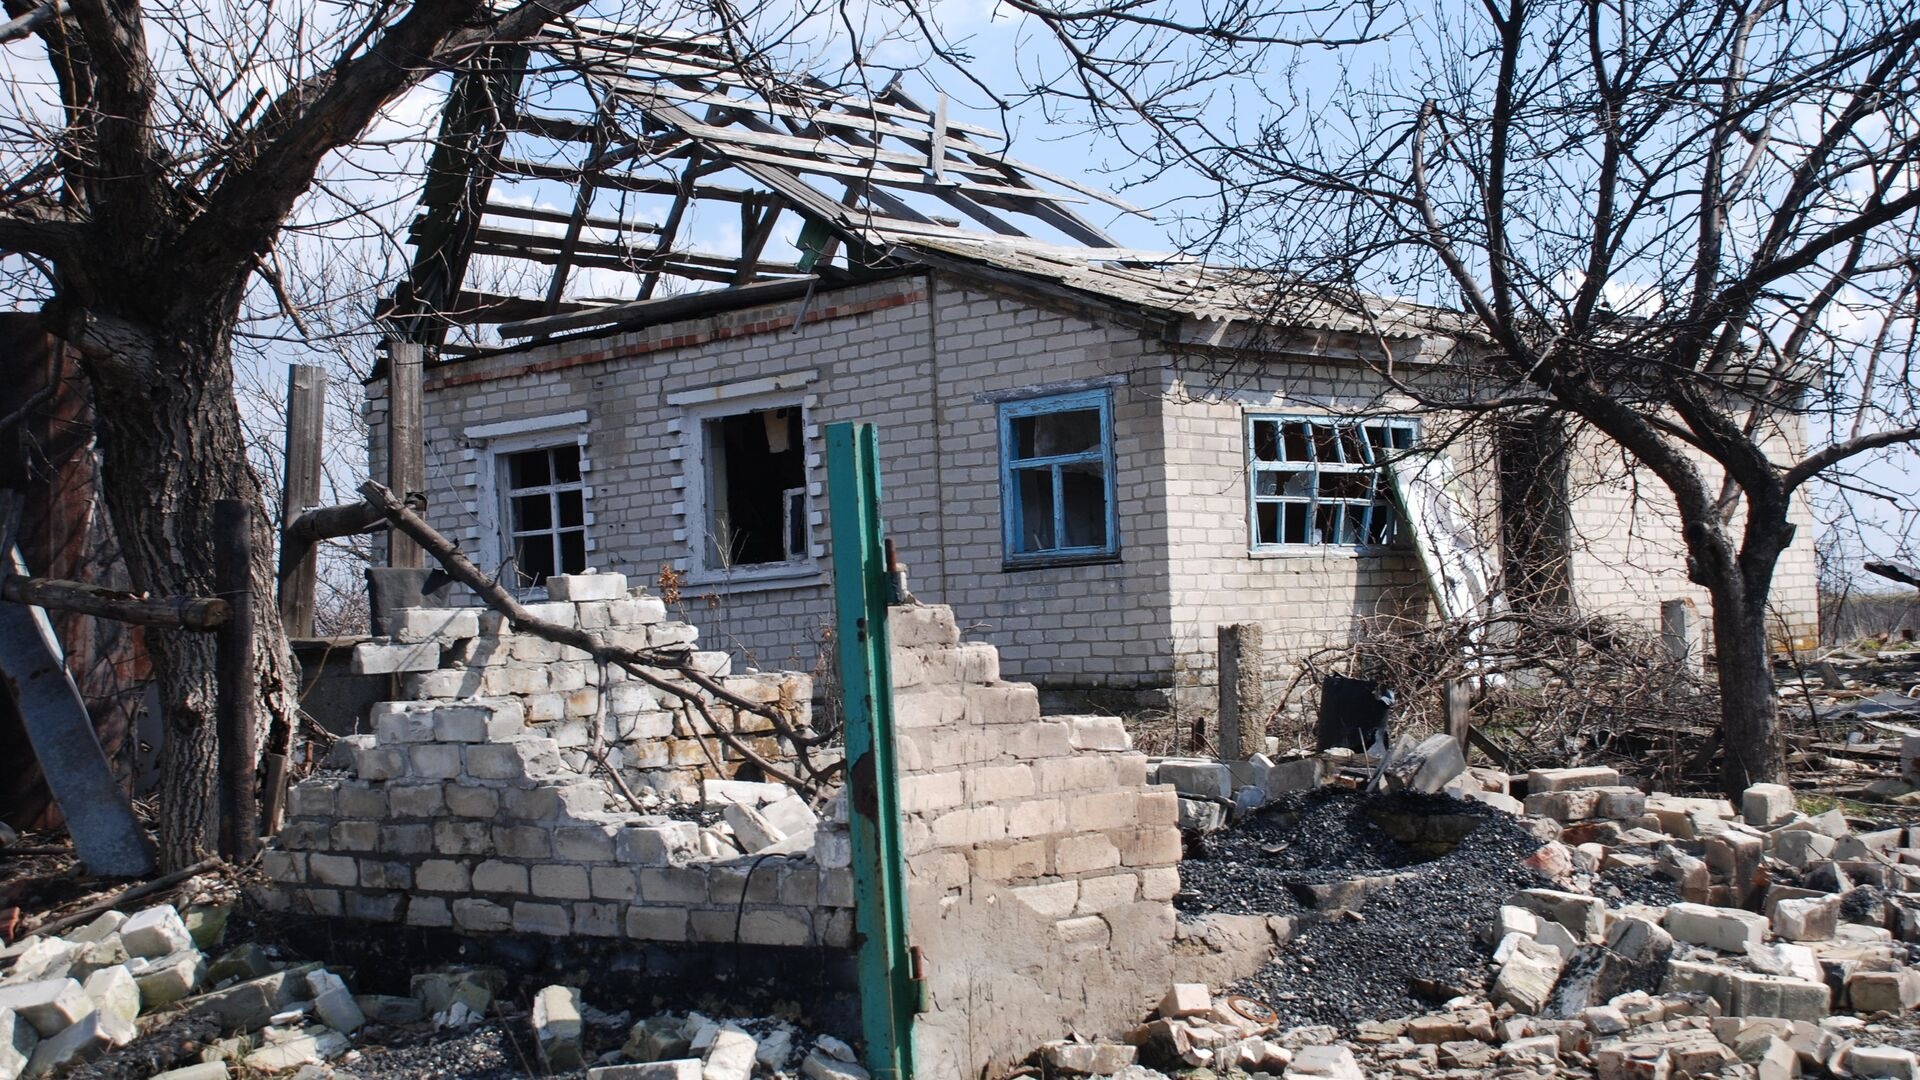 Разрушенный дом в поселке Желобок в Луганской области на линии разграничения - РИА Новости, 1920, 07.05.2021